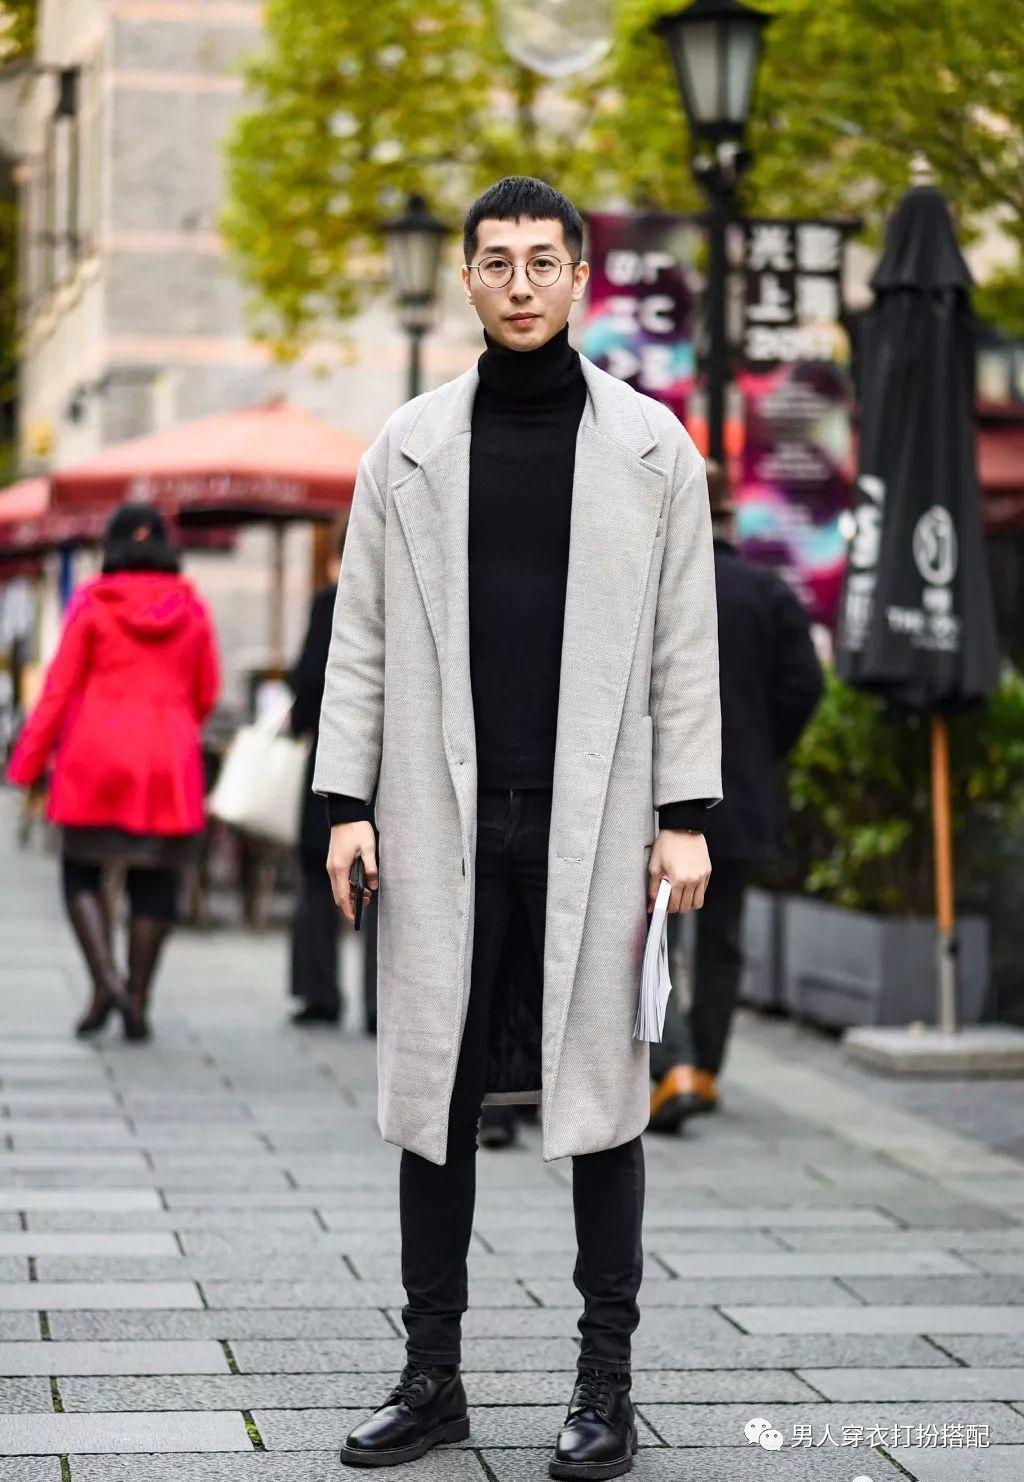 男潮人服装搭配_一线城市男生穿搭大pk,快看看你们的城市潮人搭配吧.